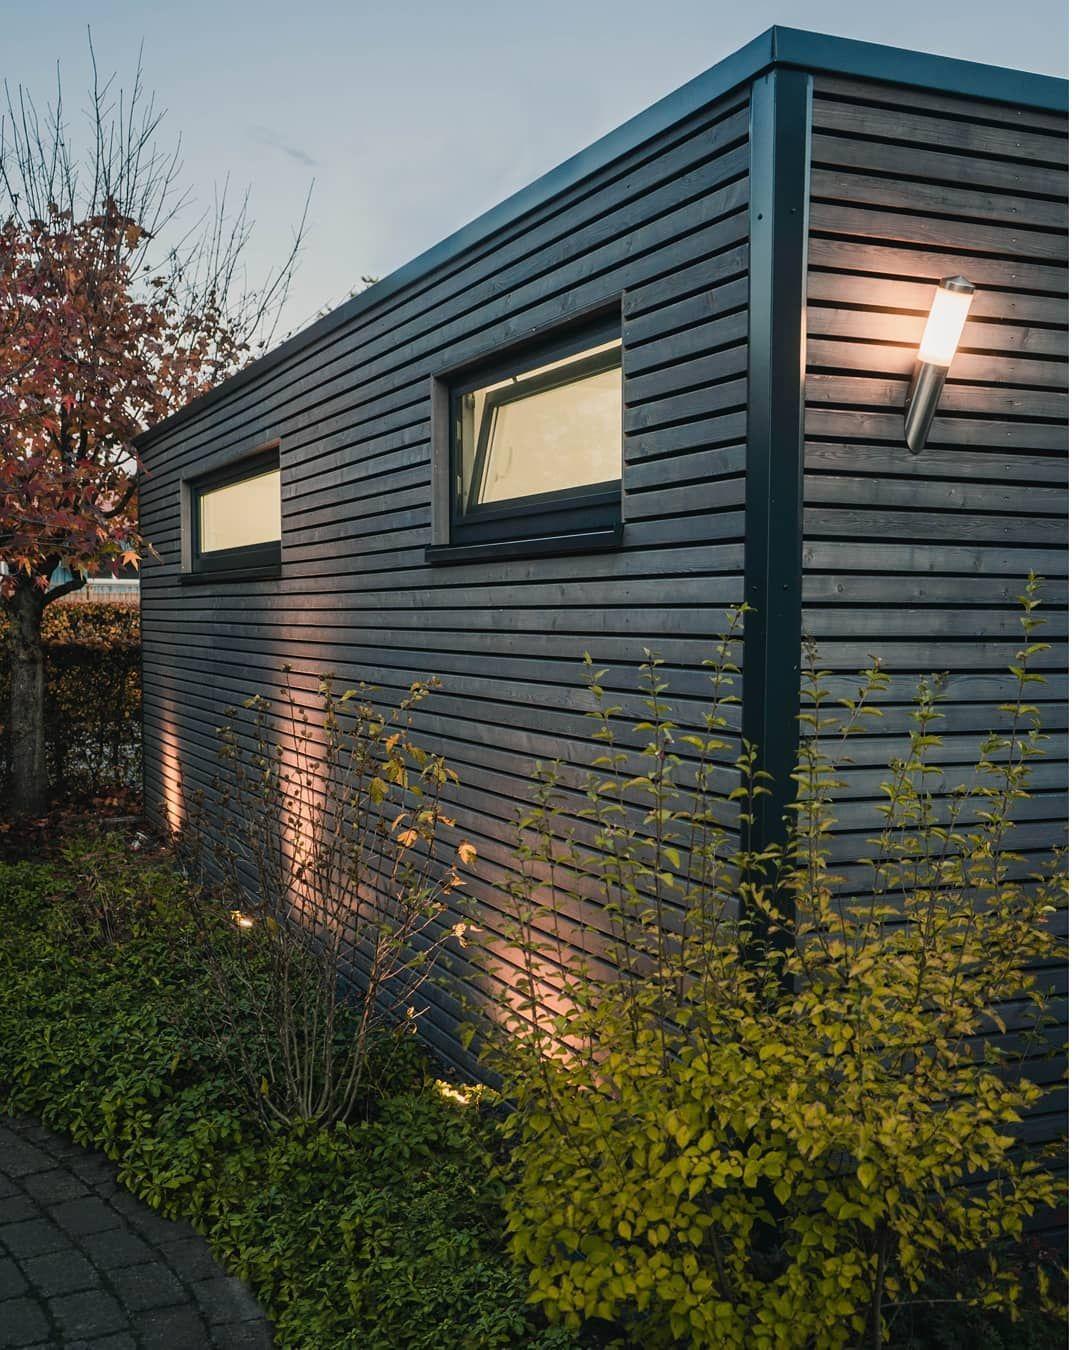 Zu Dunklen Jahreszeiten Auch Mit Stilvoller Beleuchtung Steda Gartenhauser Steda Somussdas Glas Gartenges In 2020 Gartenhaus Gartengestaltung Holzrahmenbau